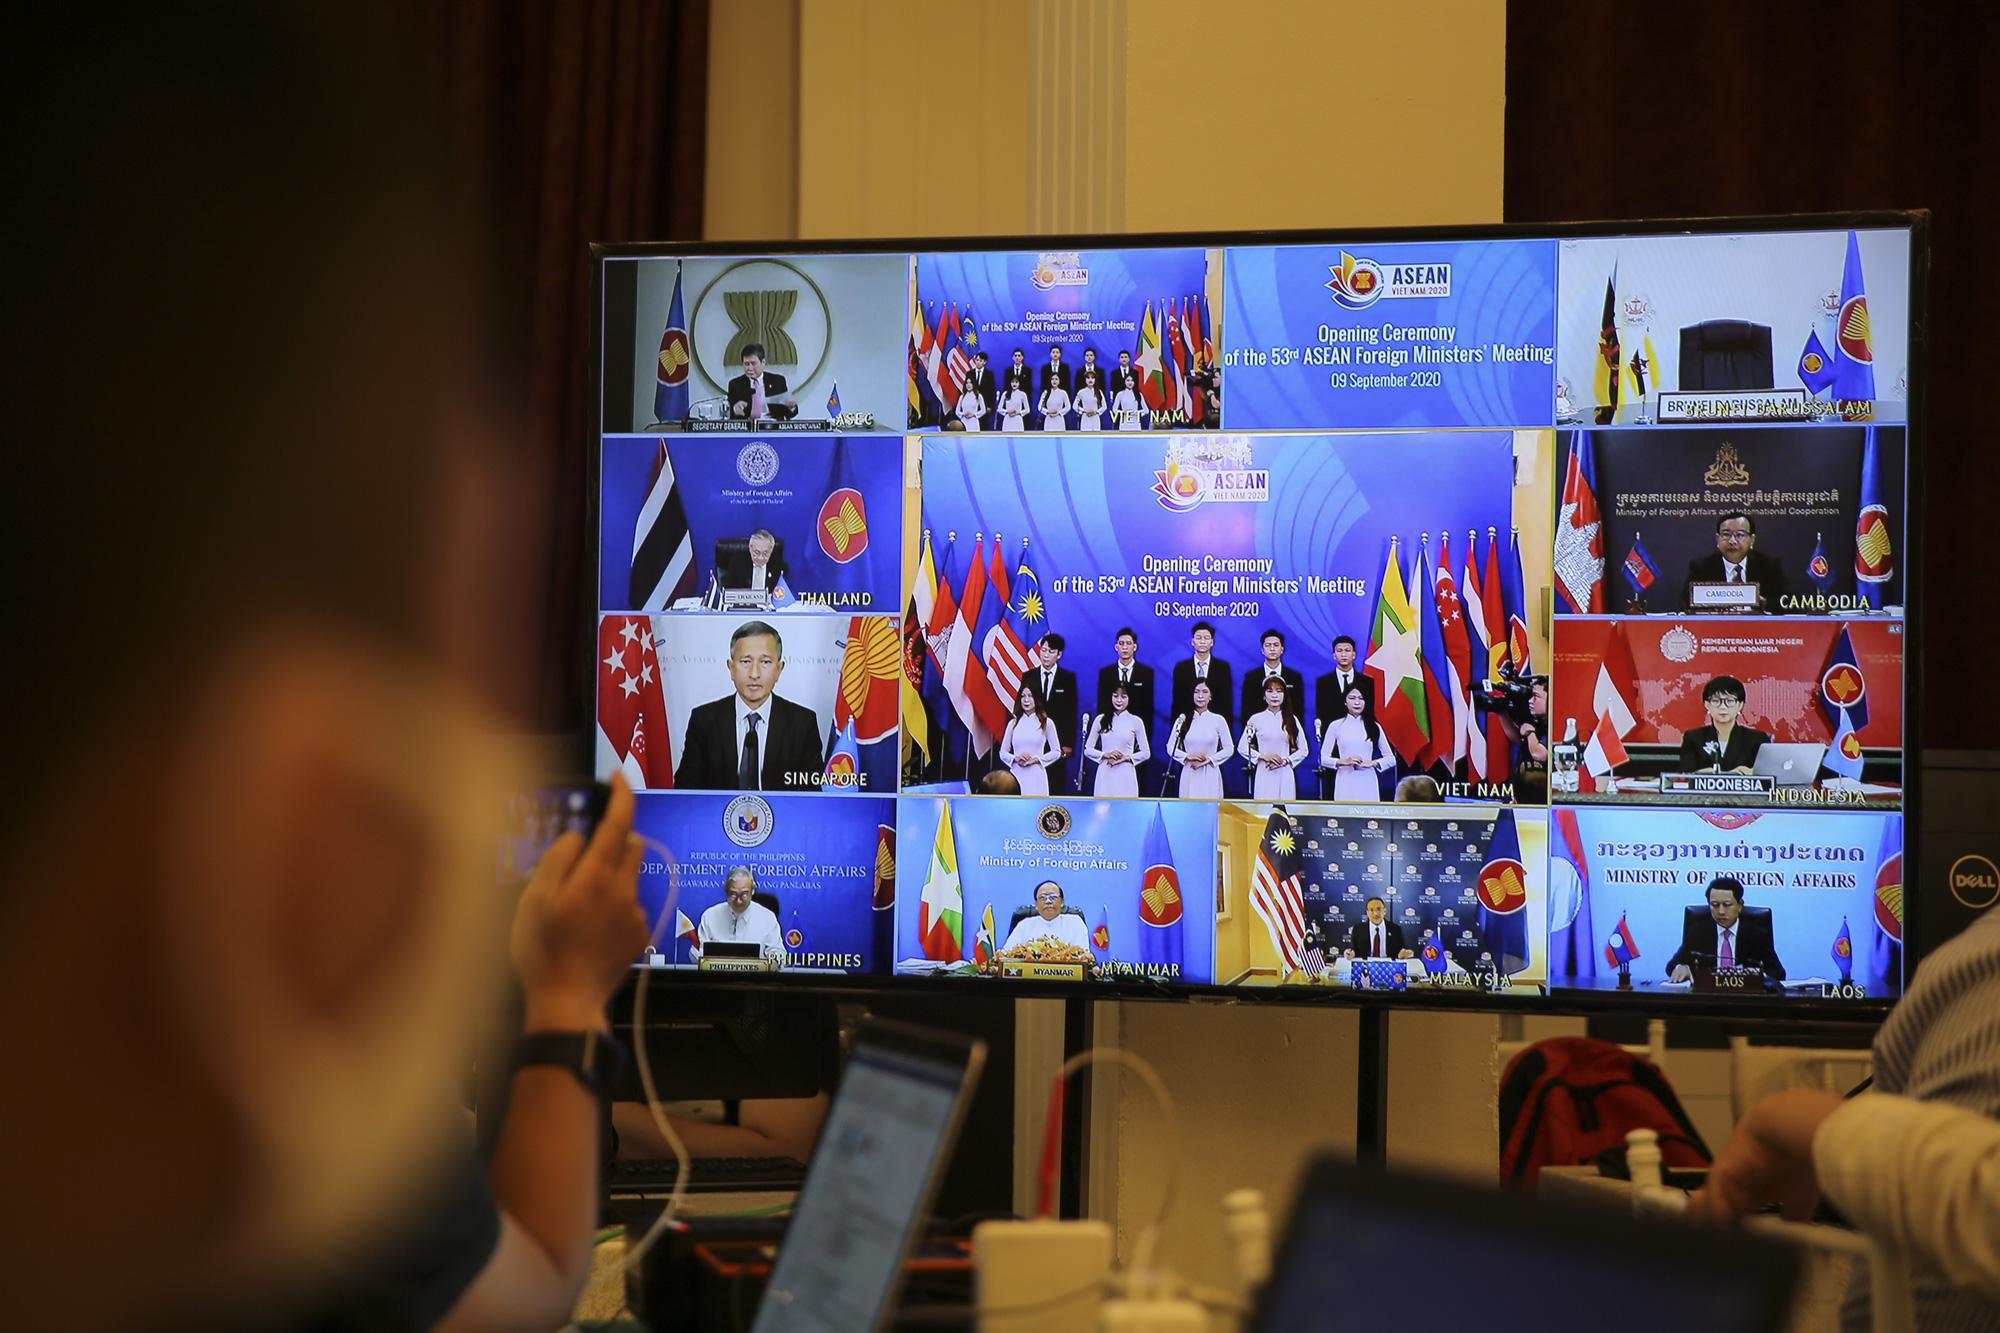 Toàn cảnh Hội nghị Bộ trưởng Bộ trưởng Ngoại giao ASEAN lần thứ 53 - Ảnh 6.